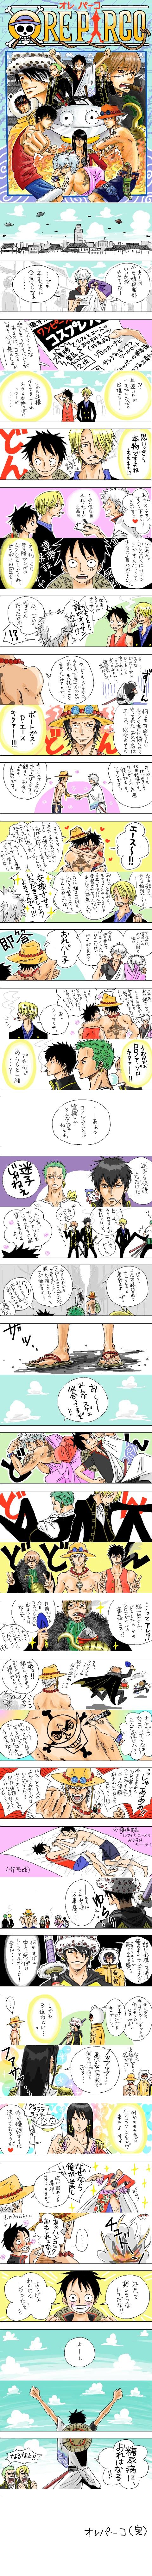 Tags: Anime, Pixiv Id 437953, ONE PIECE, Gintama, Monkey D. Luffy, Ko Elizabeth, Sakata Gintoki, Roronoa Zoro, Sanji, Katsura Kotaro, Portgas D. Ace, Okita Sougo, Hijikata Toushirou